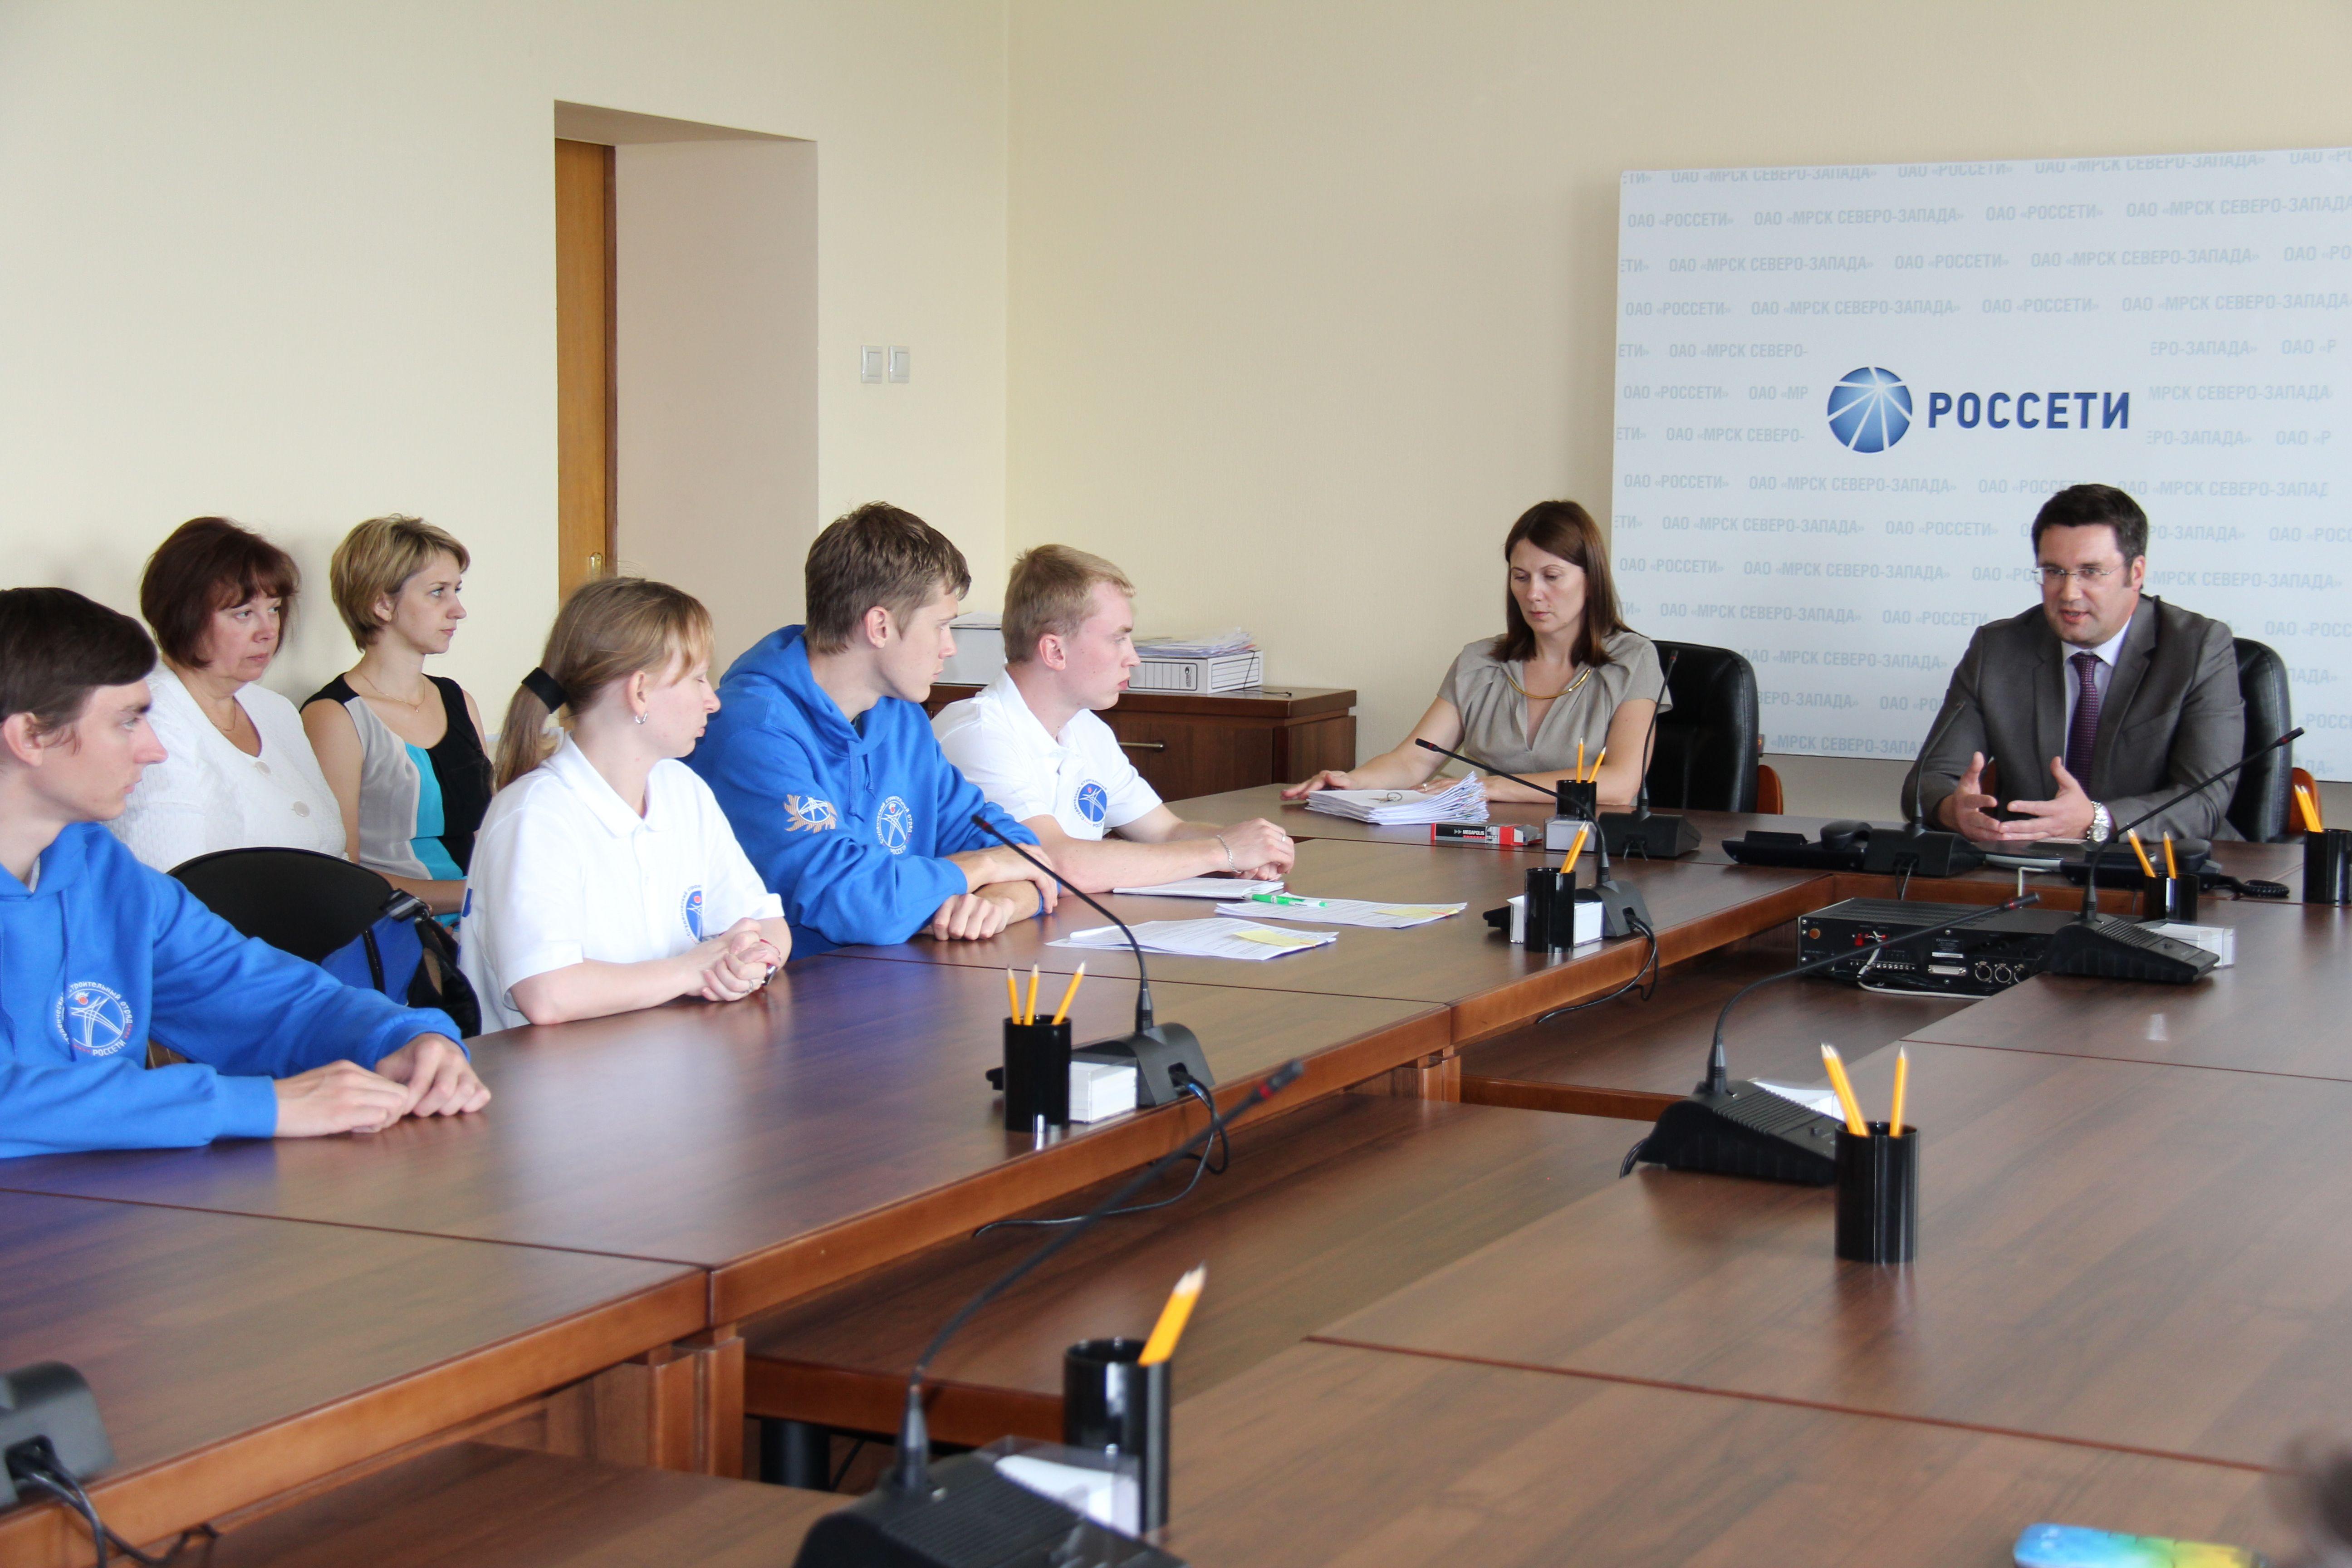 Директор  «Вологдаэнерго» Андрей Киселёв призвал стройотрядовцев к строгому соблюдению техники безопасности и трудового распорядка